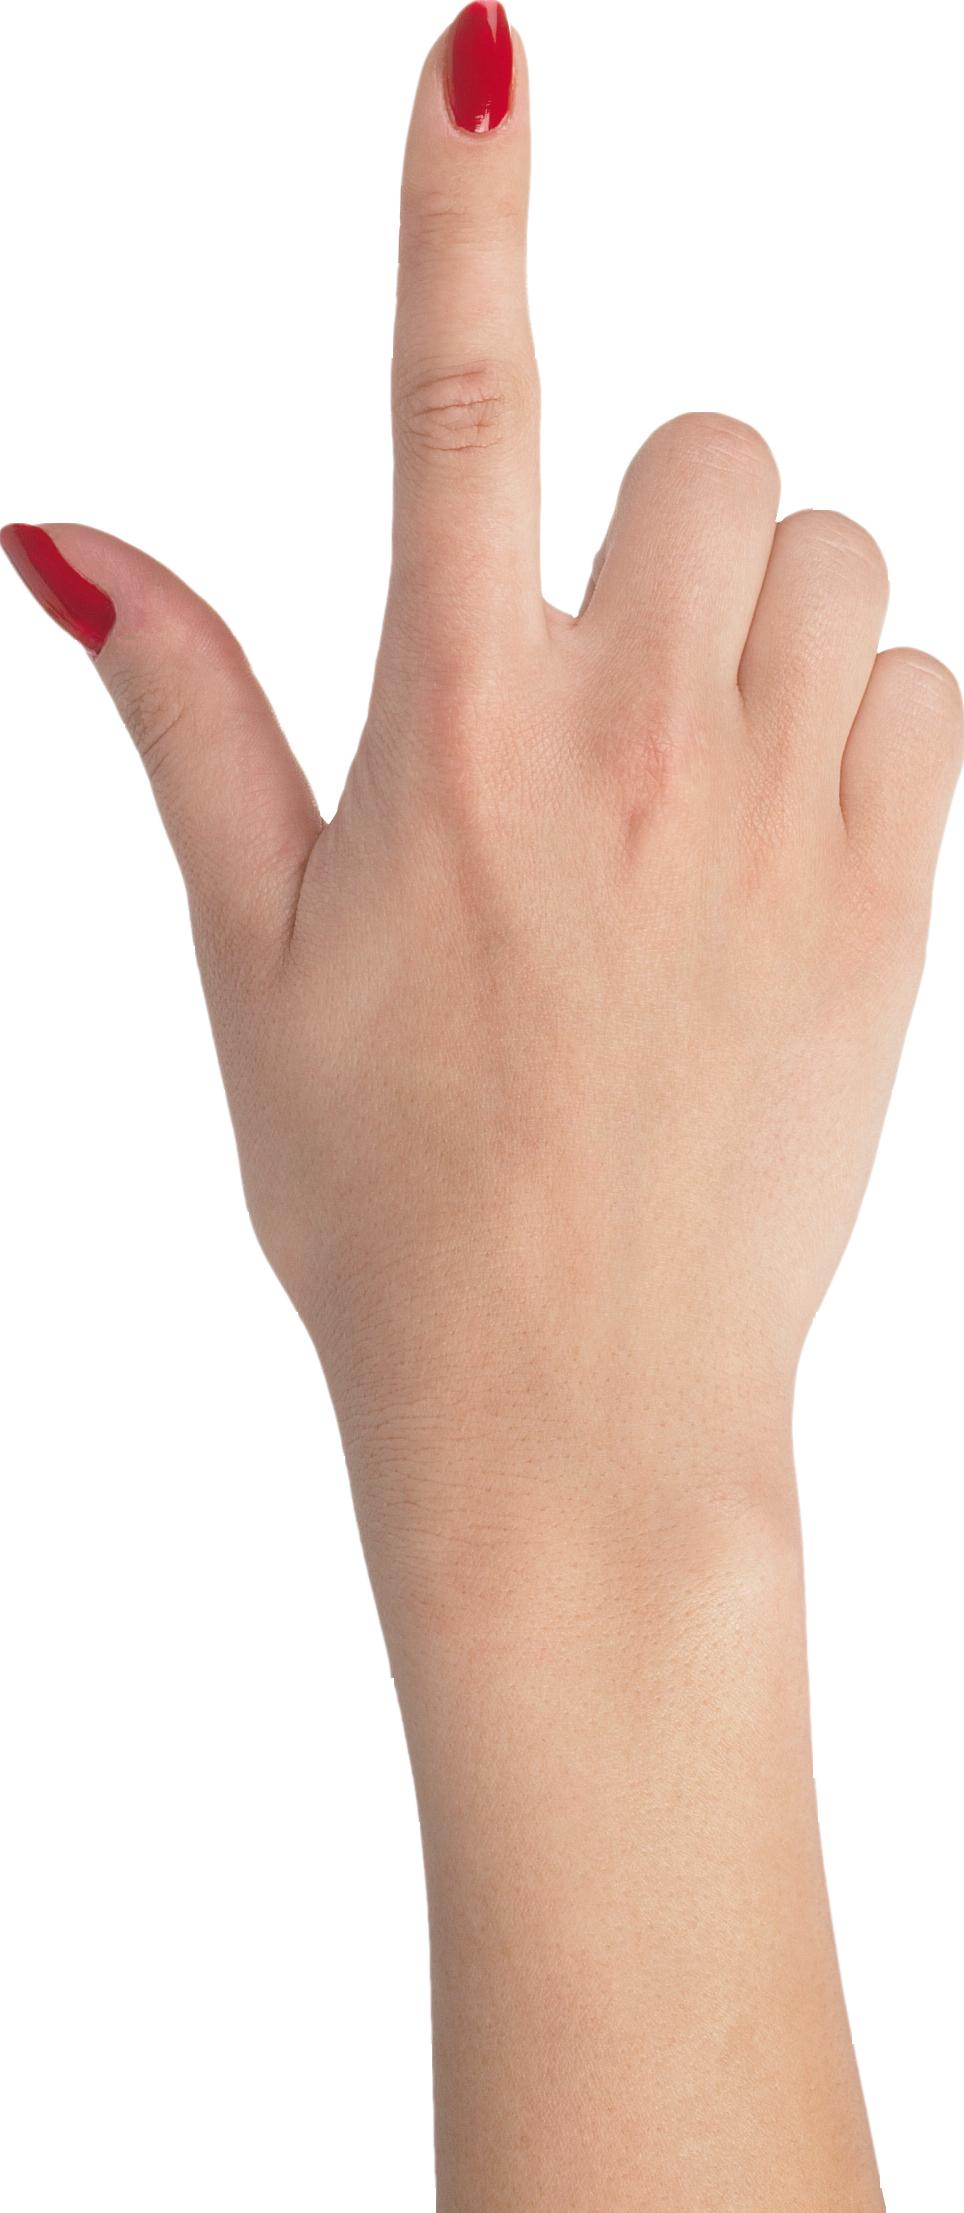 Finger Png6301 Png 964 2213